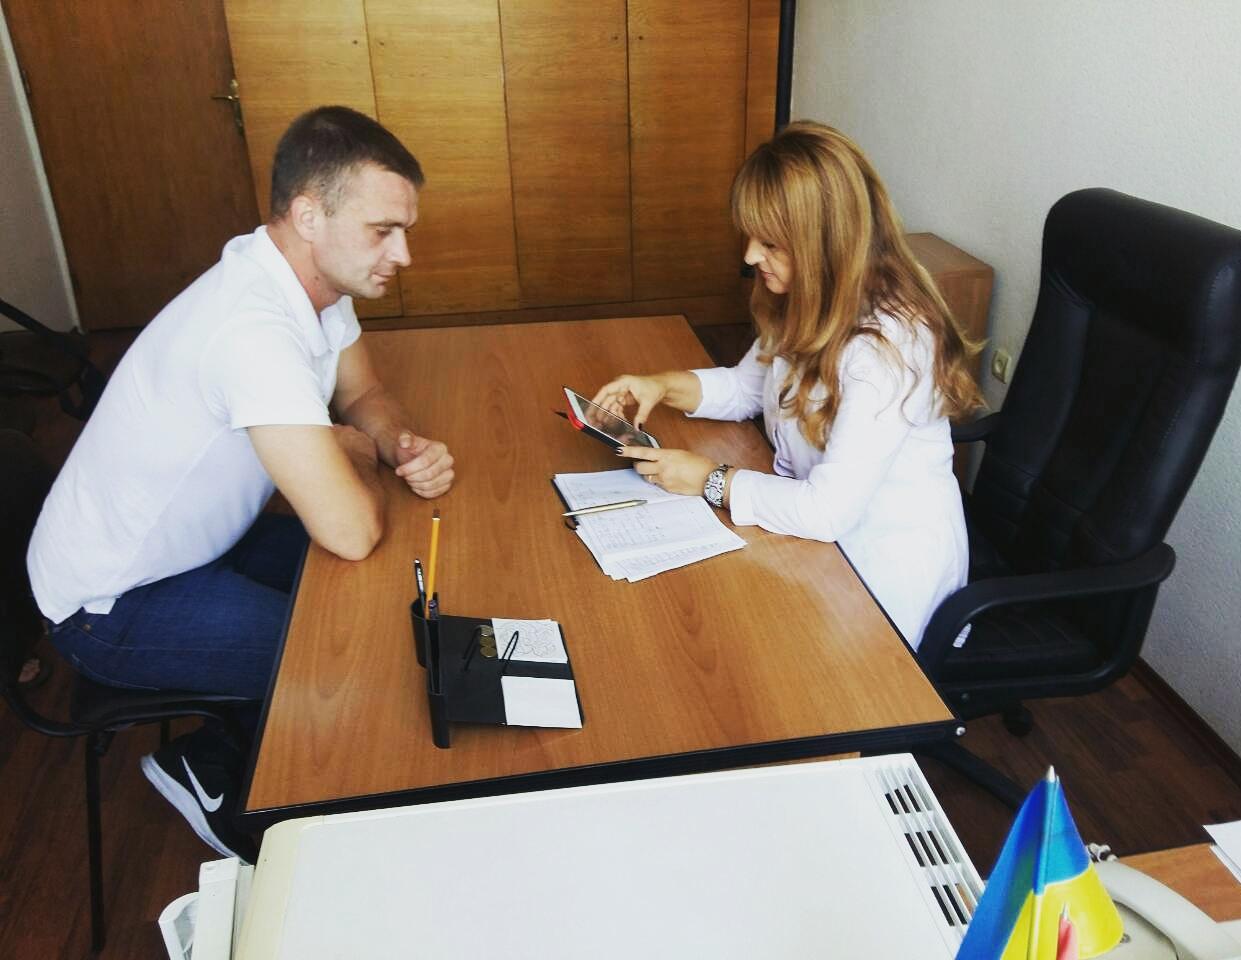 Лечения наркомании запорожье лечение наркомании ставропольский